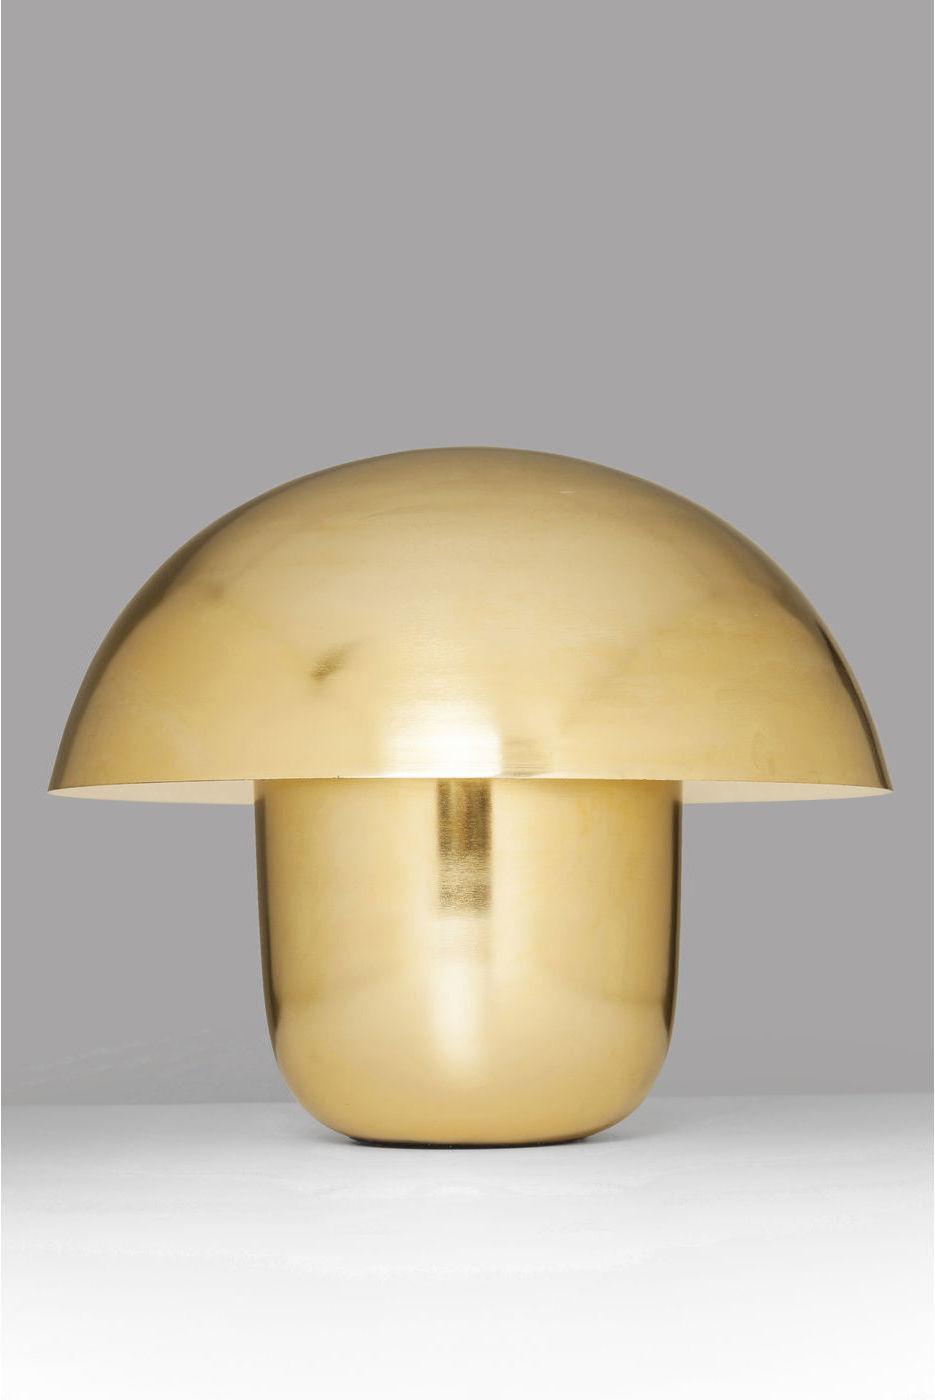 Kare design tischlampe mushroom messing e14 60w for Kare design tischlampe